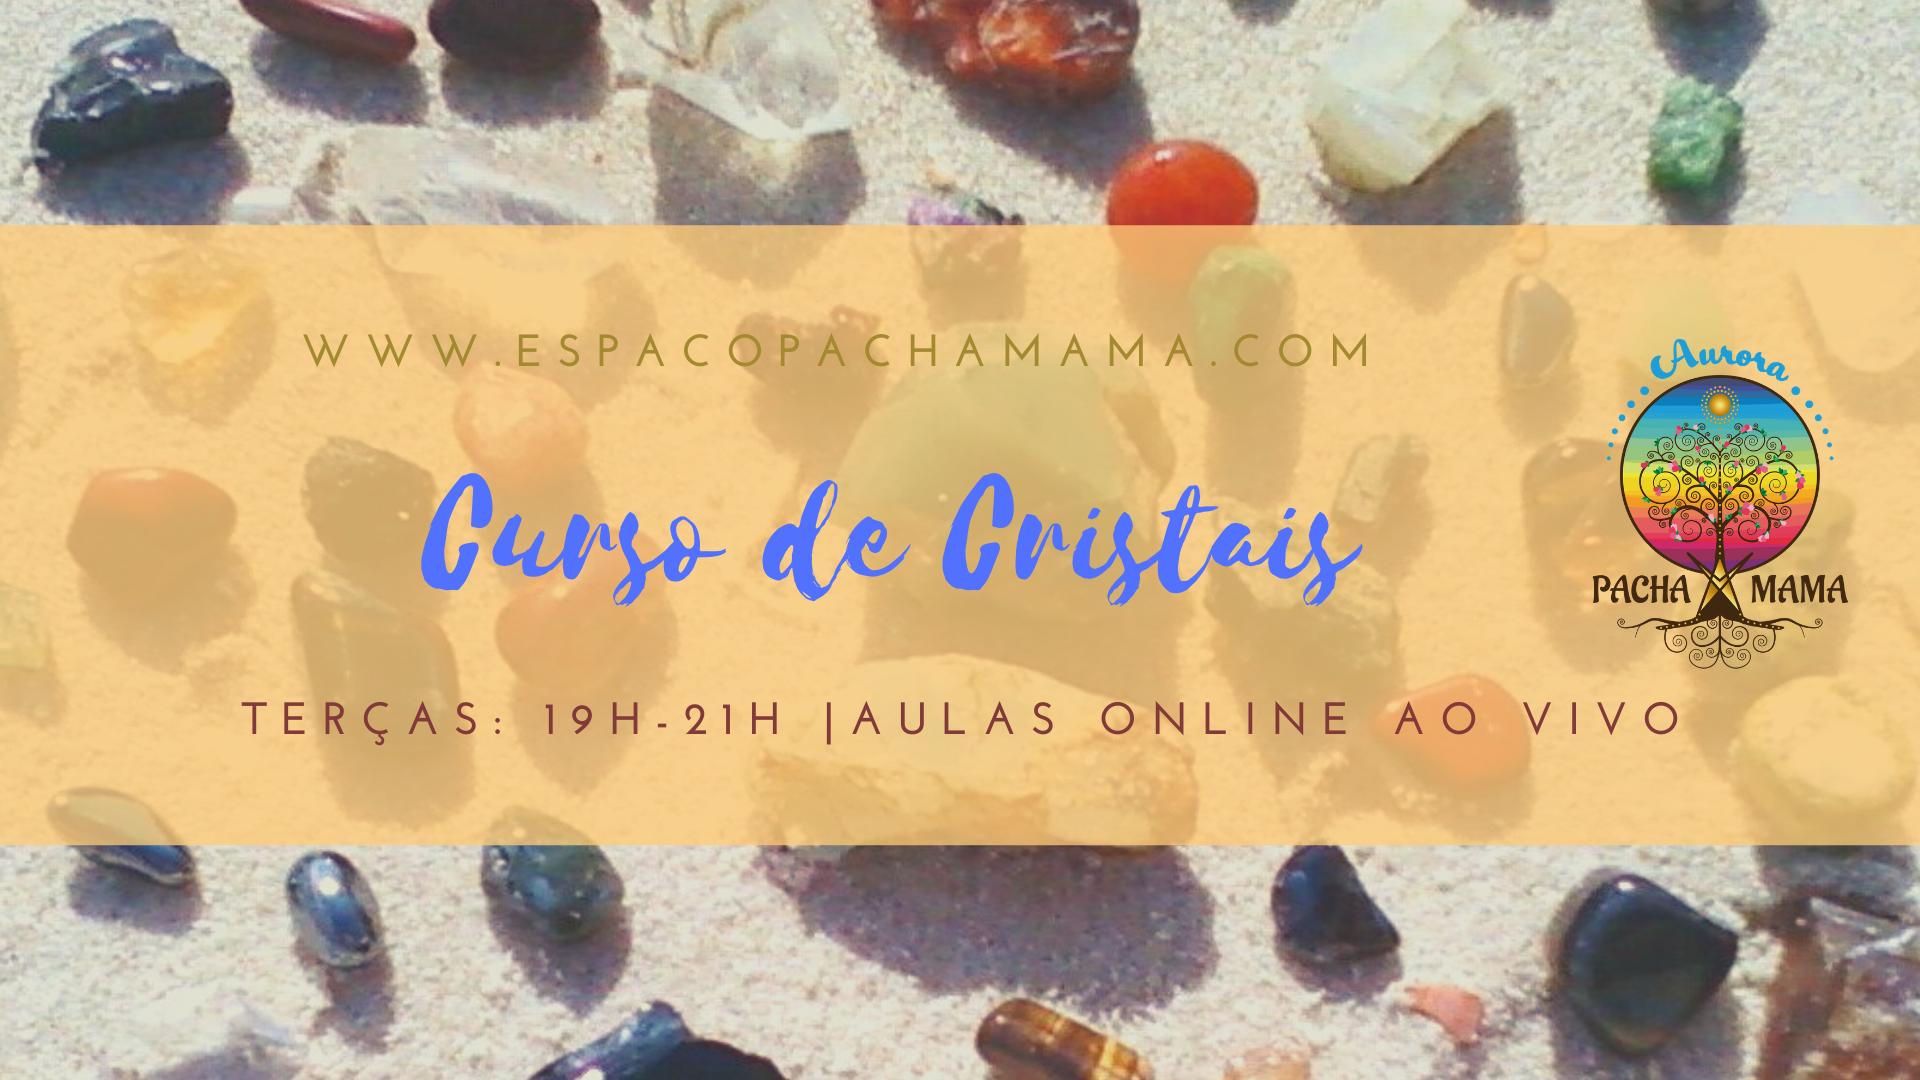 Curso de cristais online